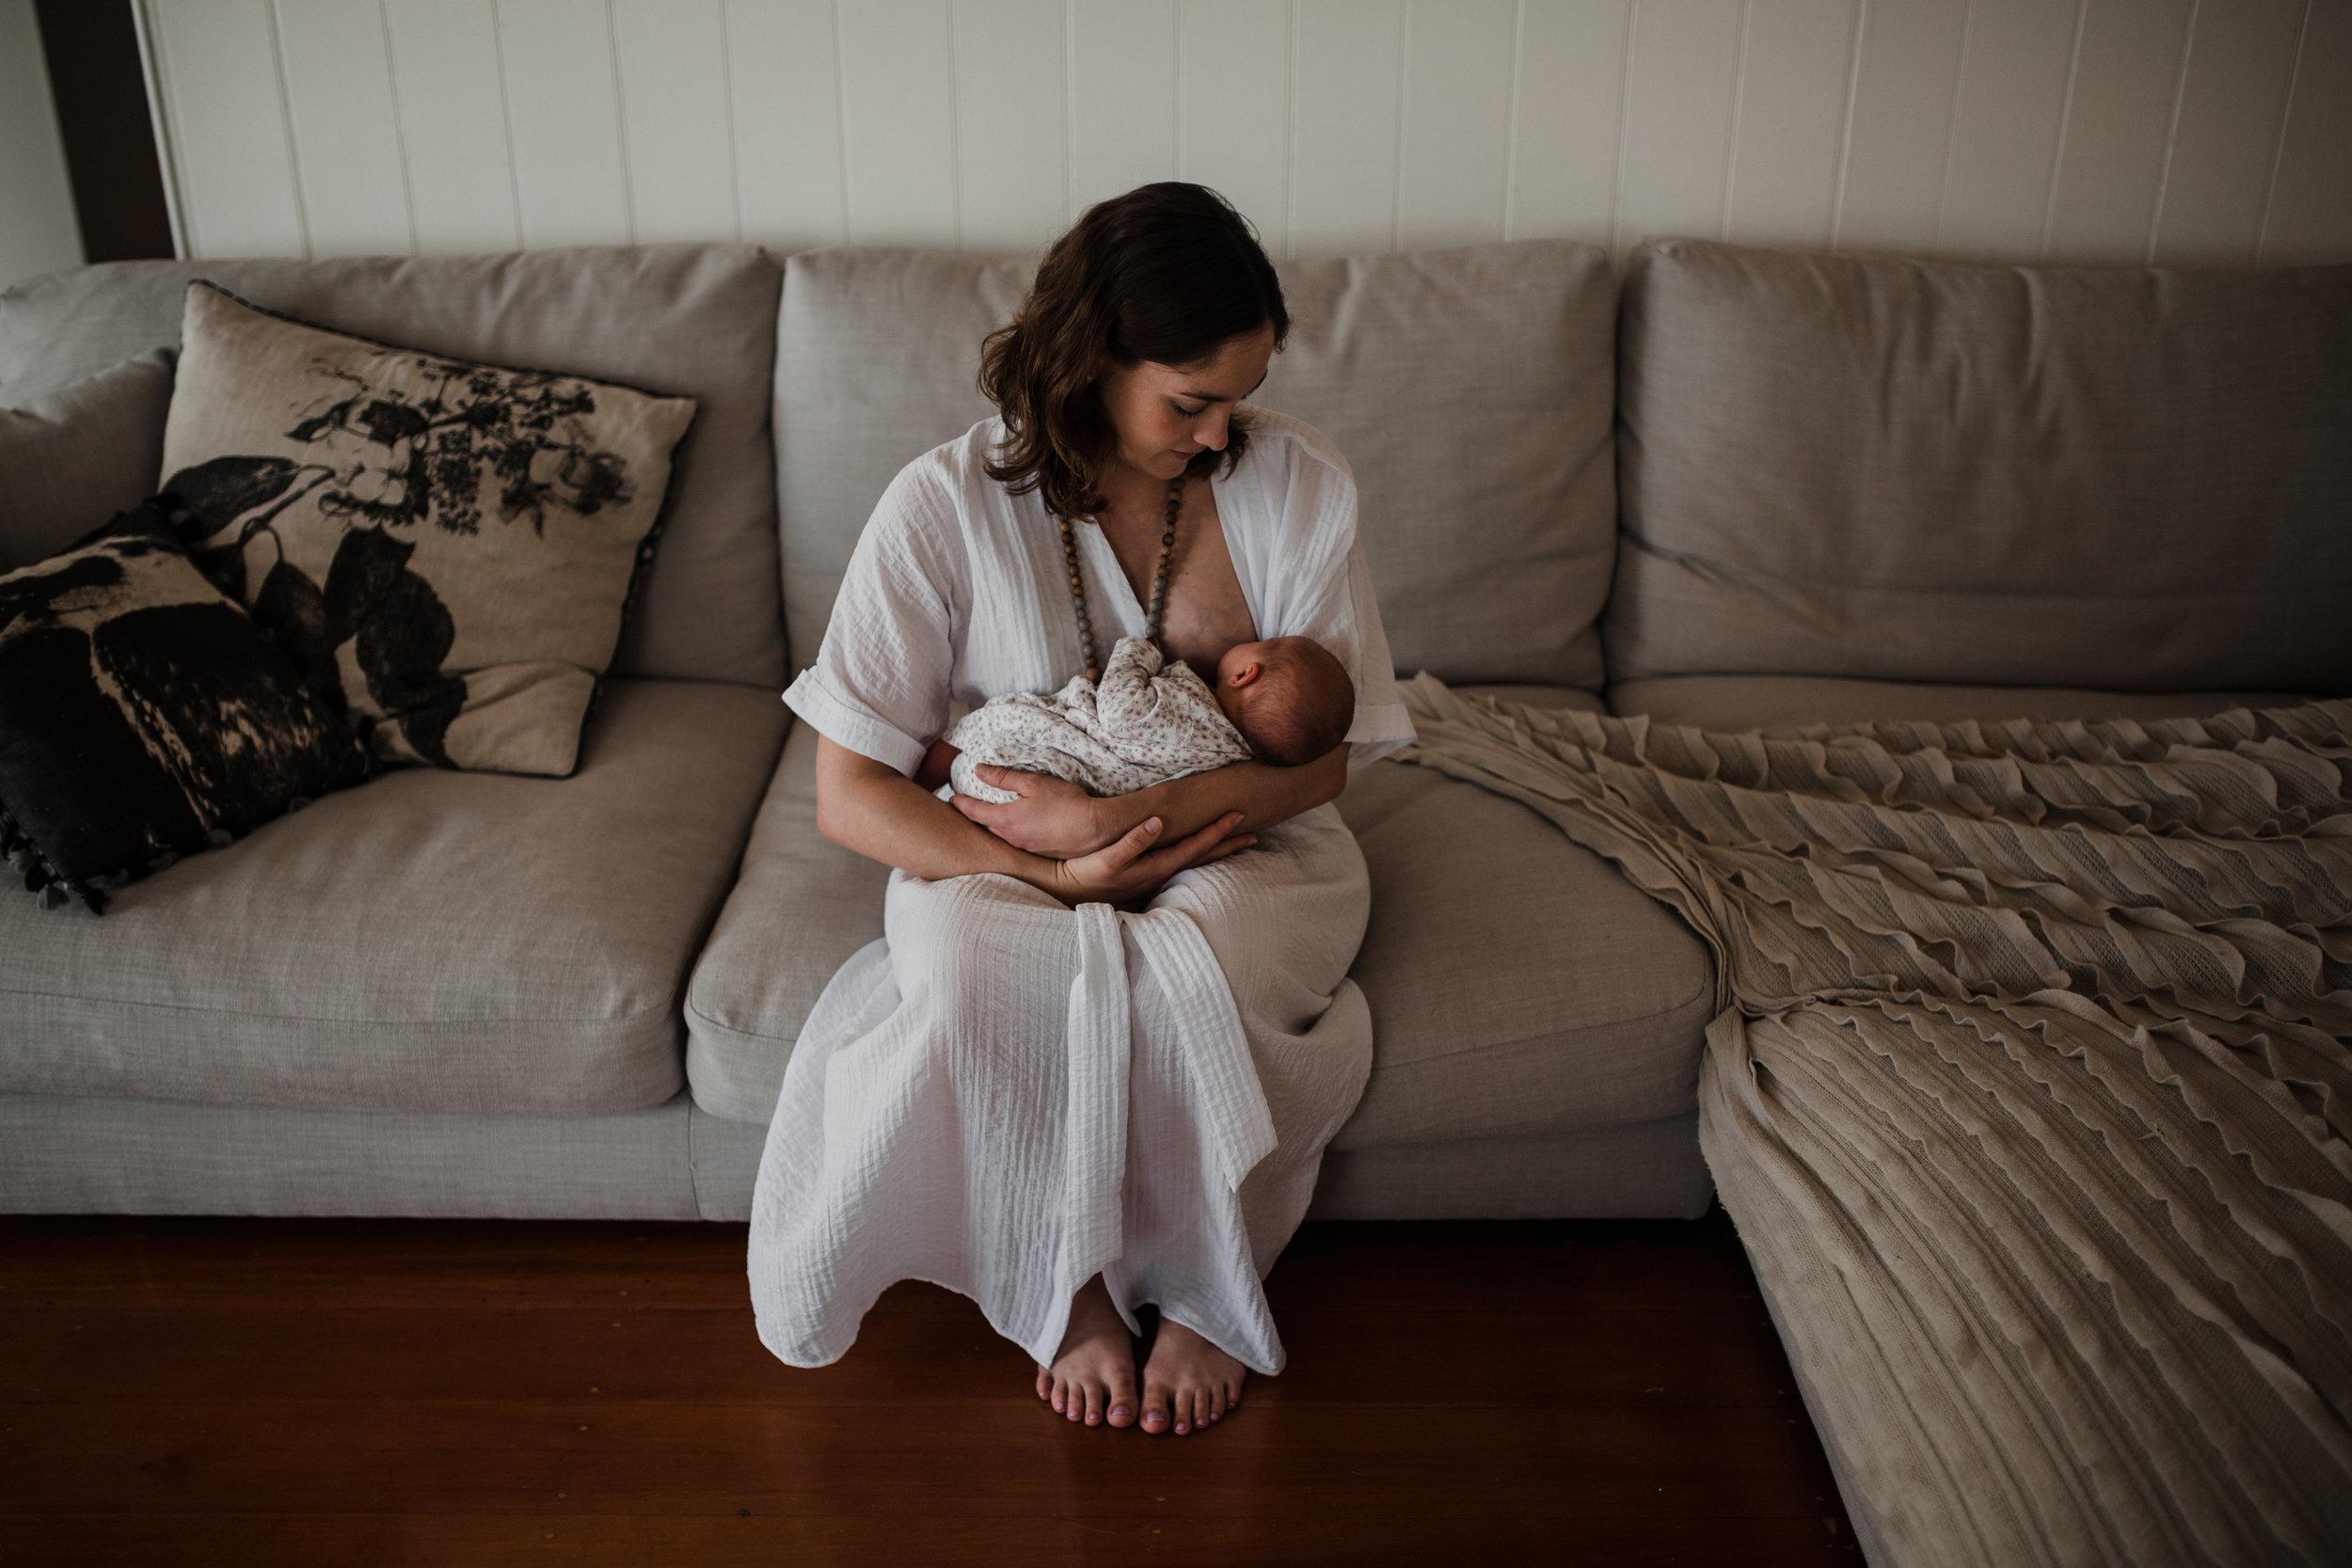 mum breastfeeds newborn baby on couch Townsville